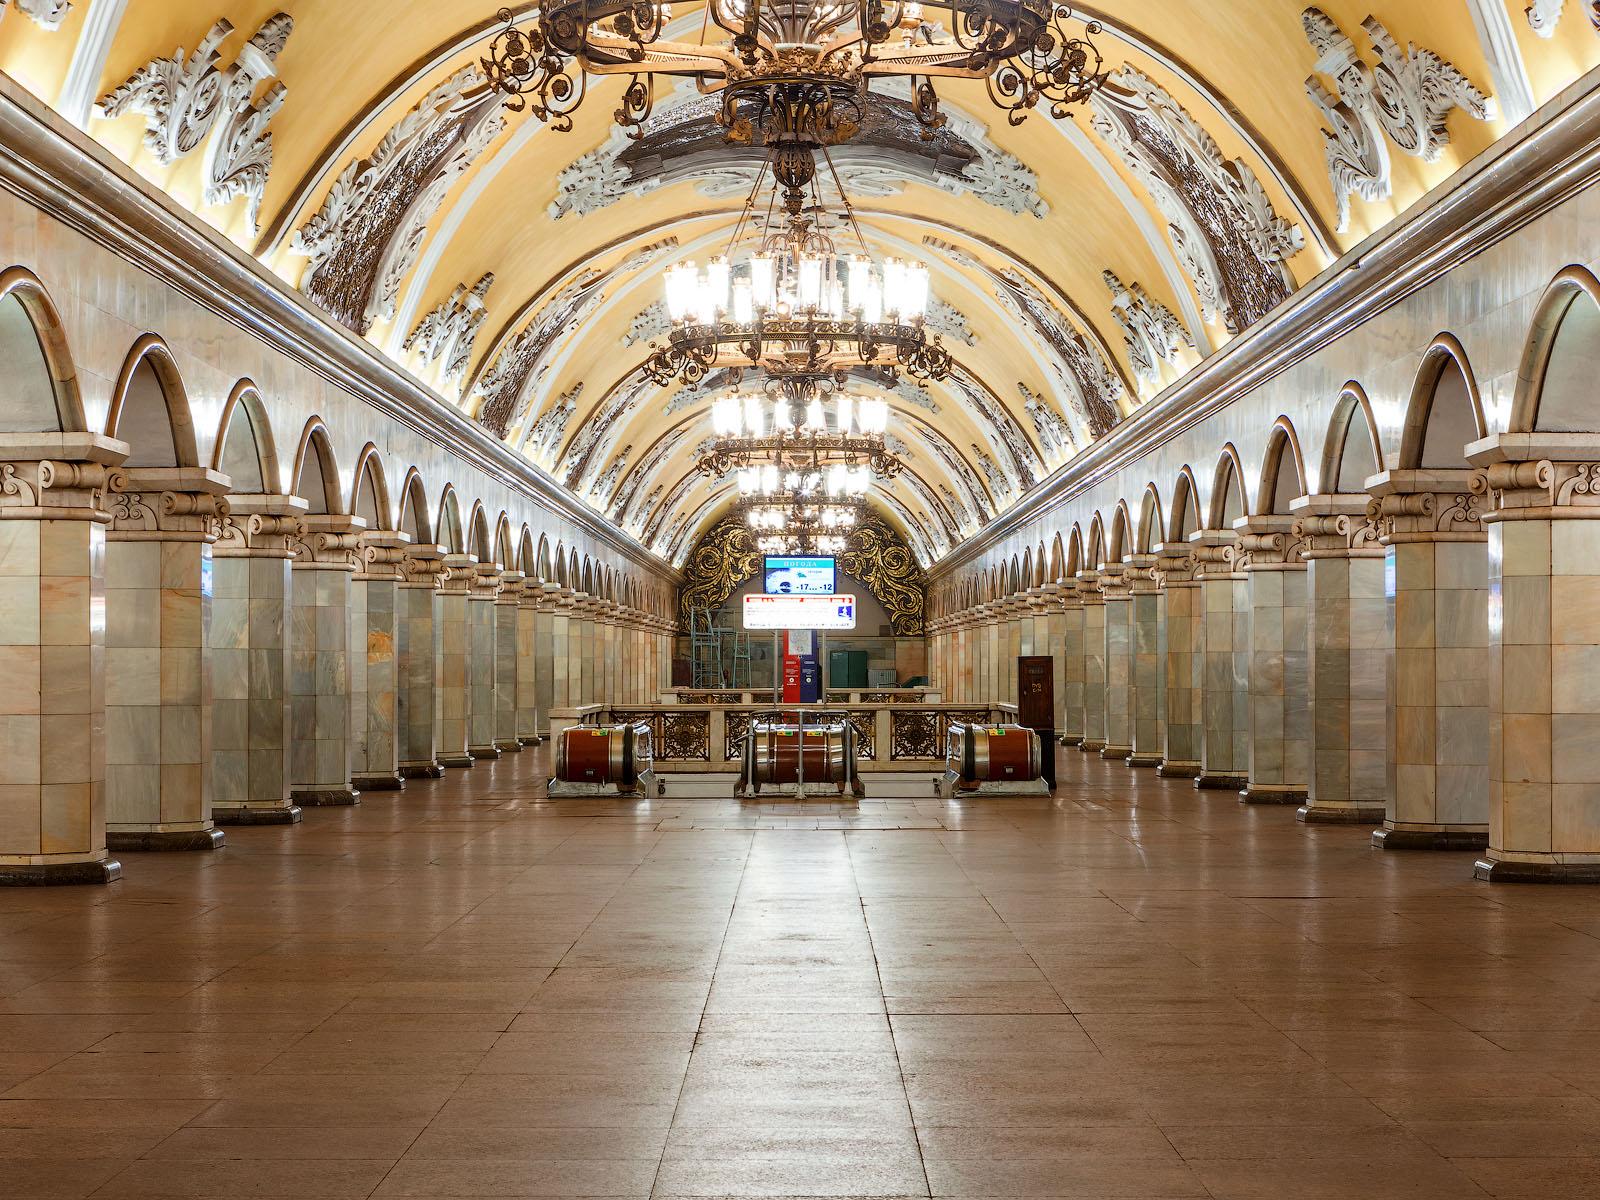 комсомольская станция метро кольцевая фото